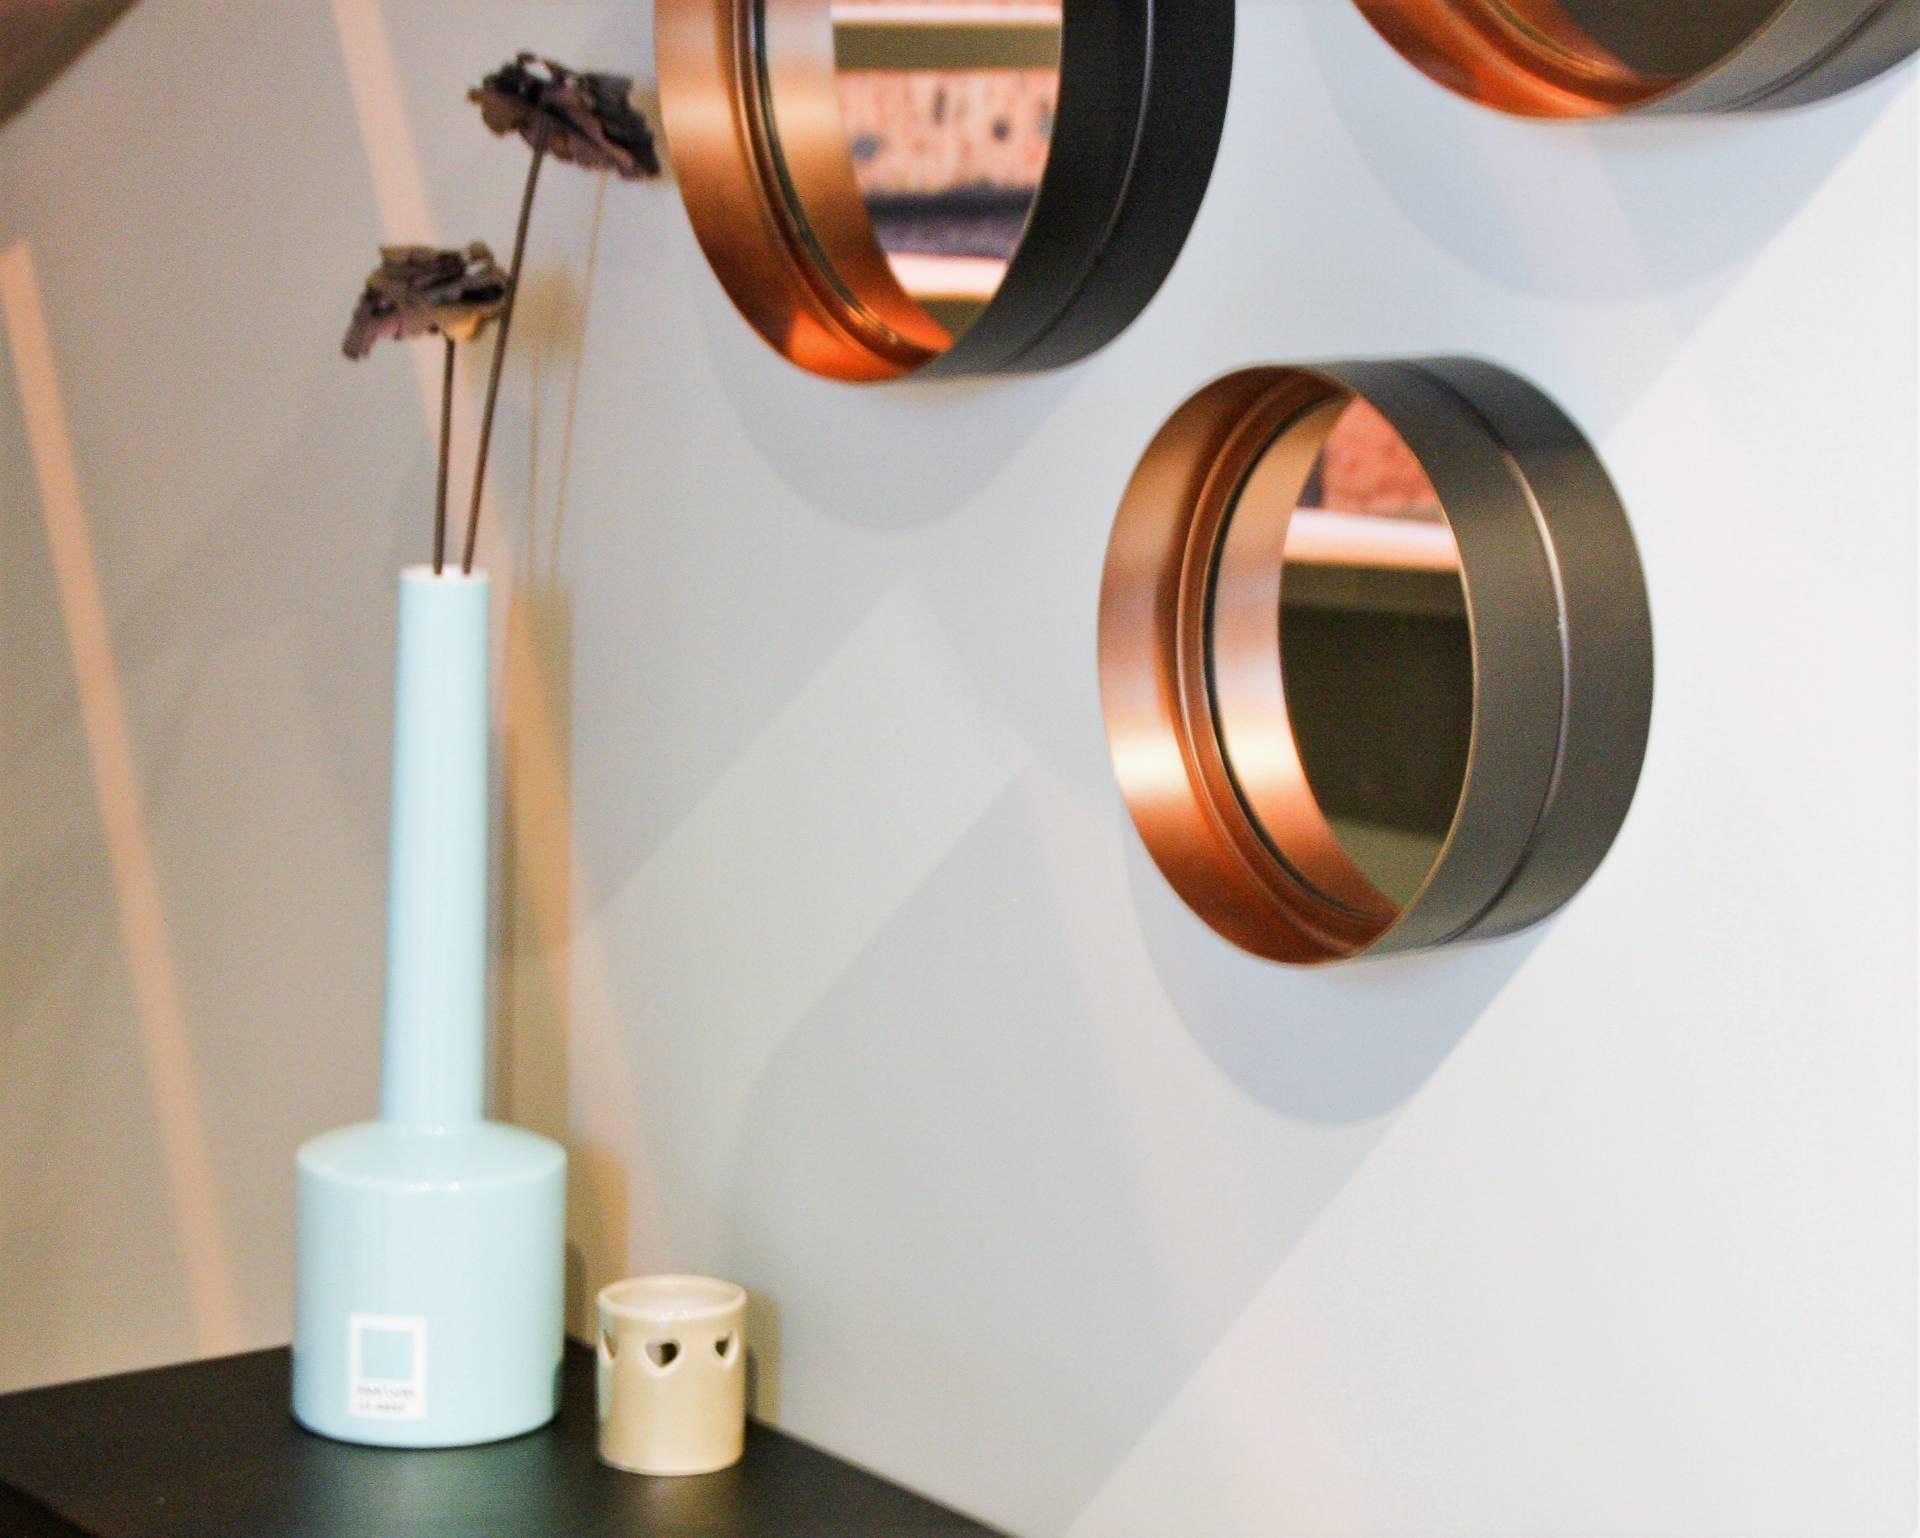 Miroir acier, console acier Matière Grise Création ambiance à Guidel Visite conseils déco